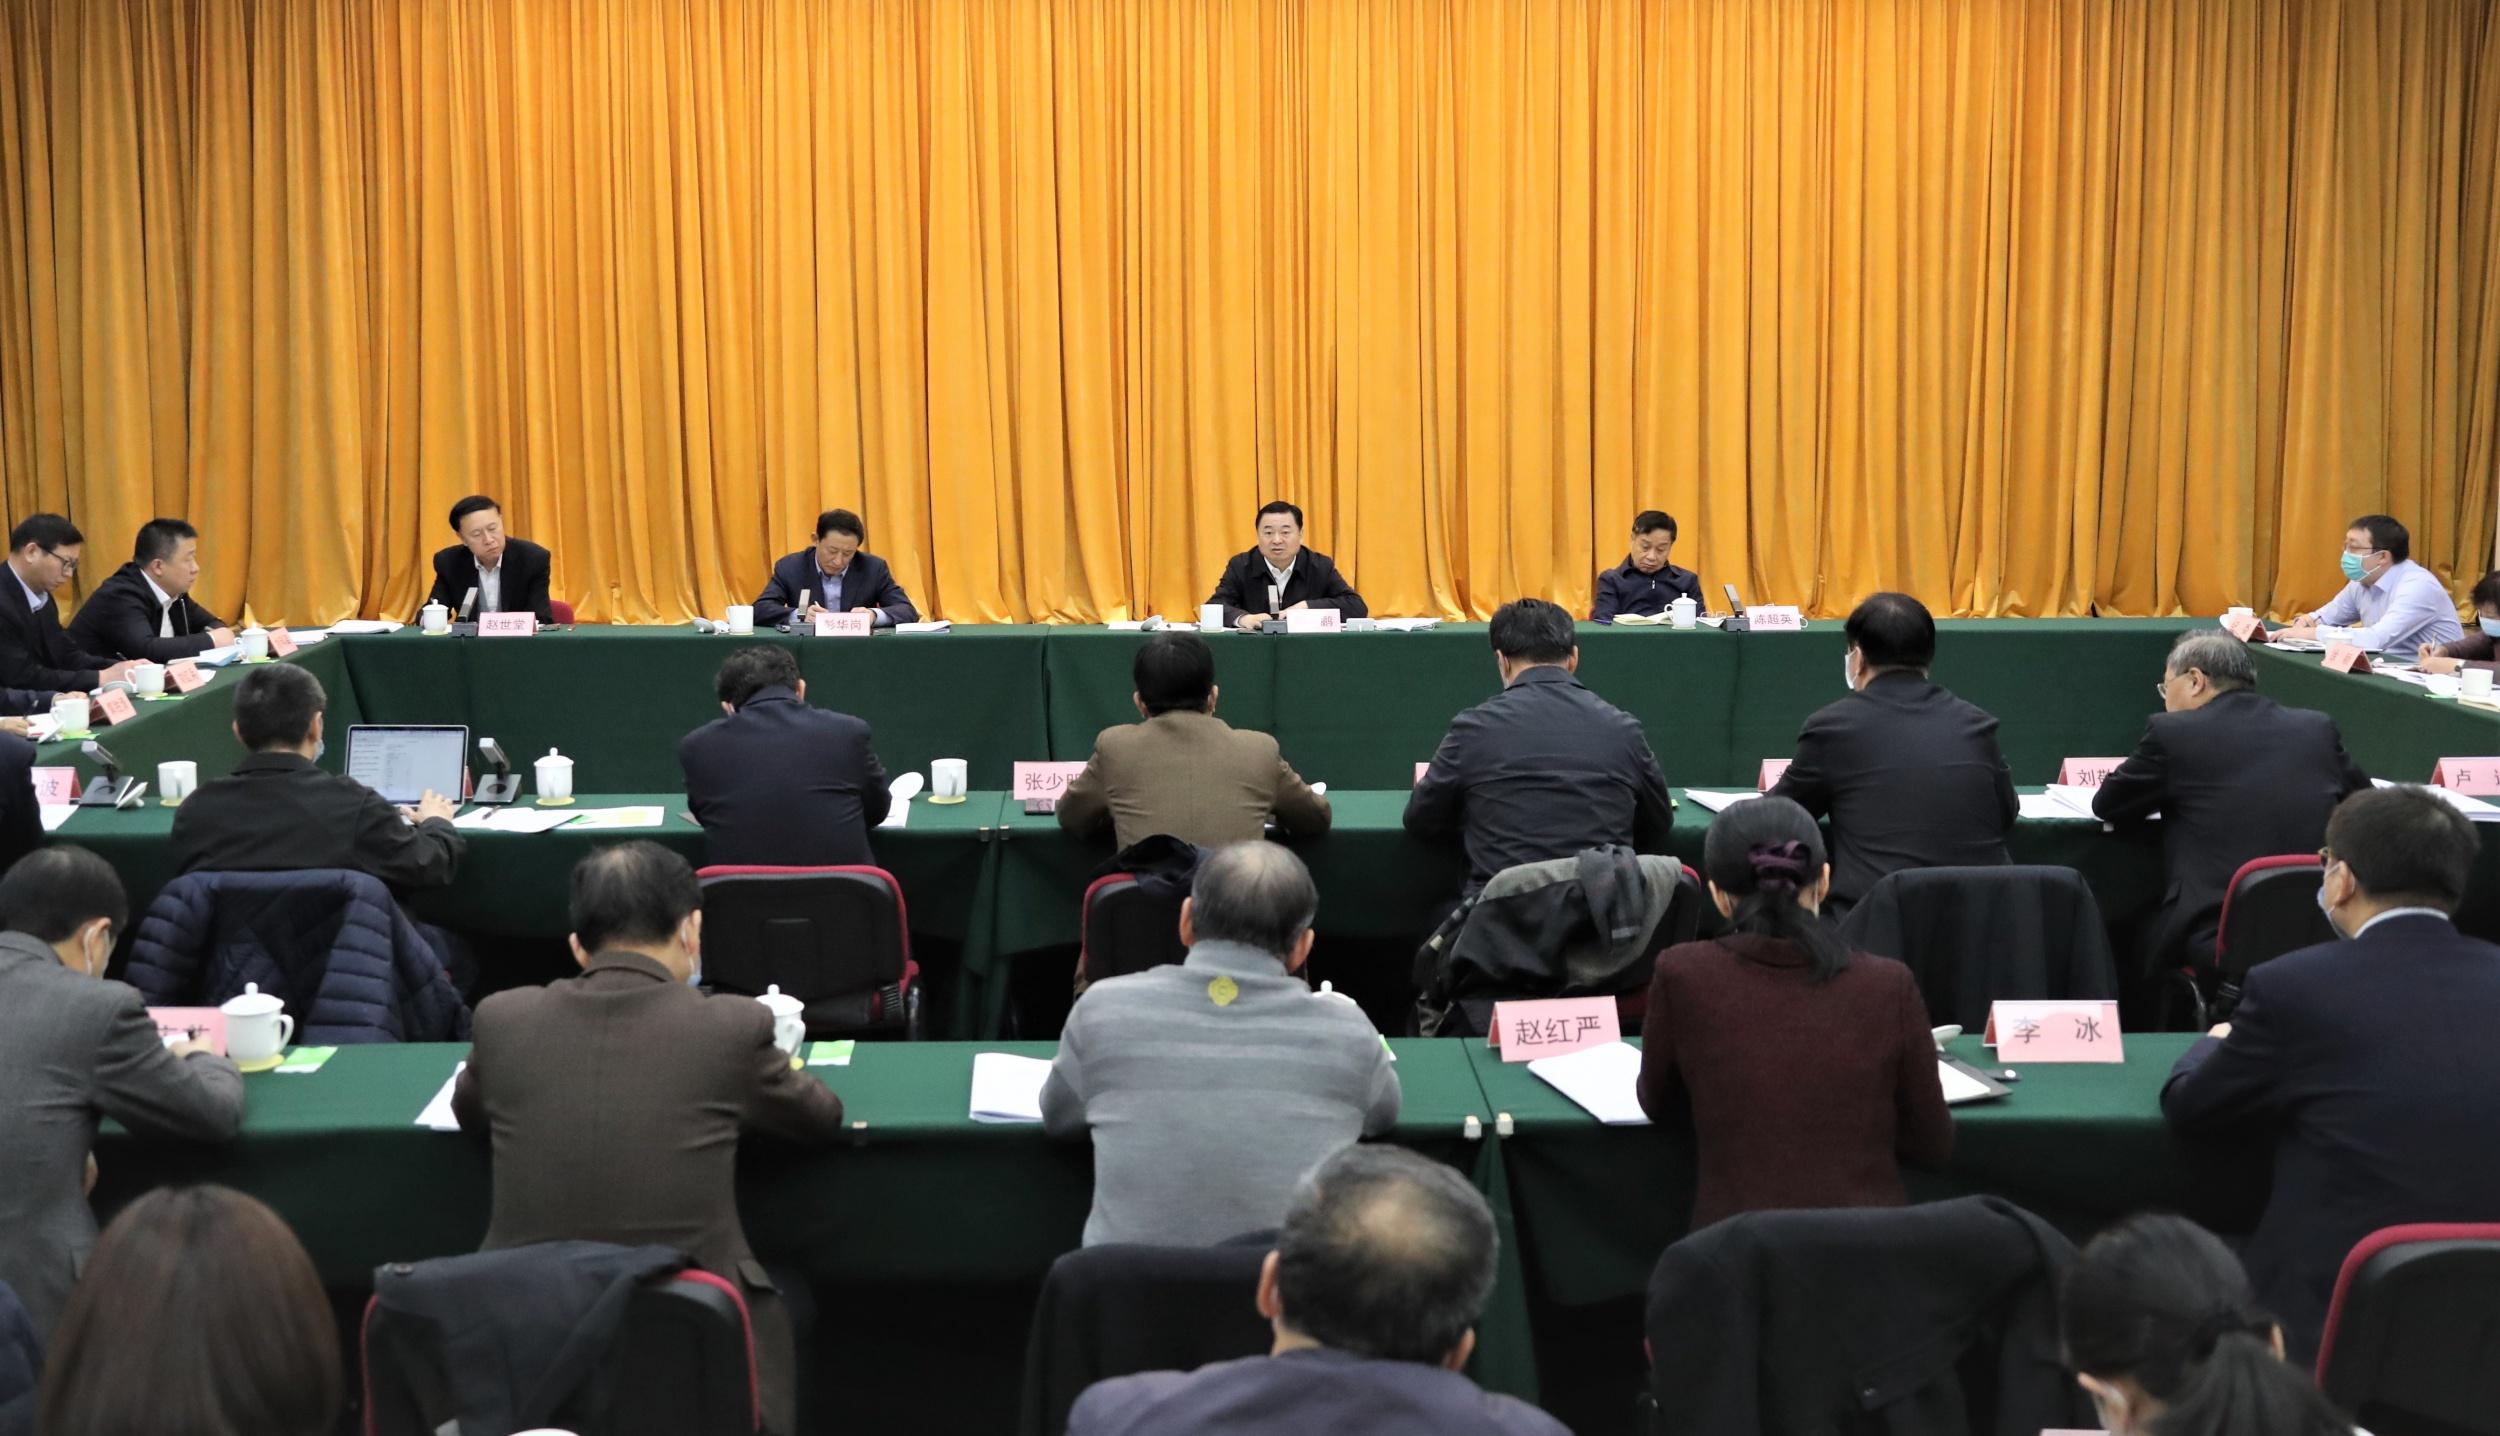 国资委召开部分中央企业负责人座谈...